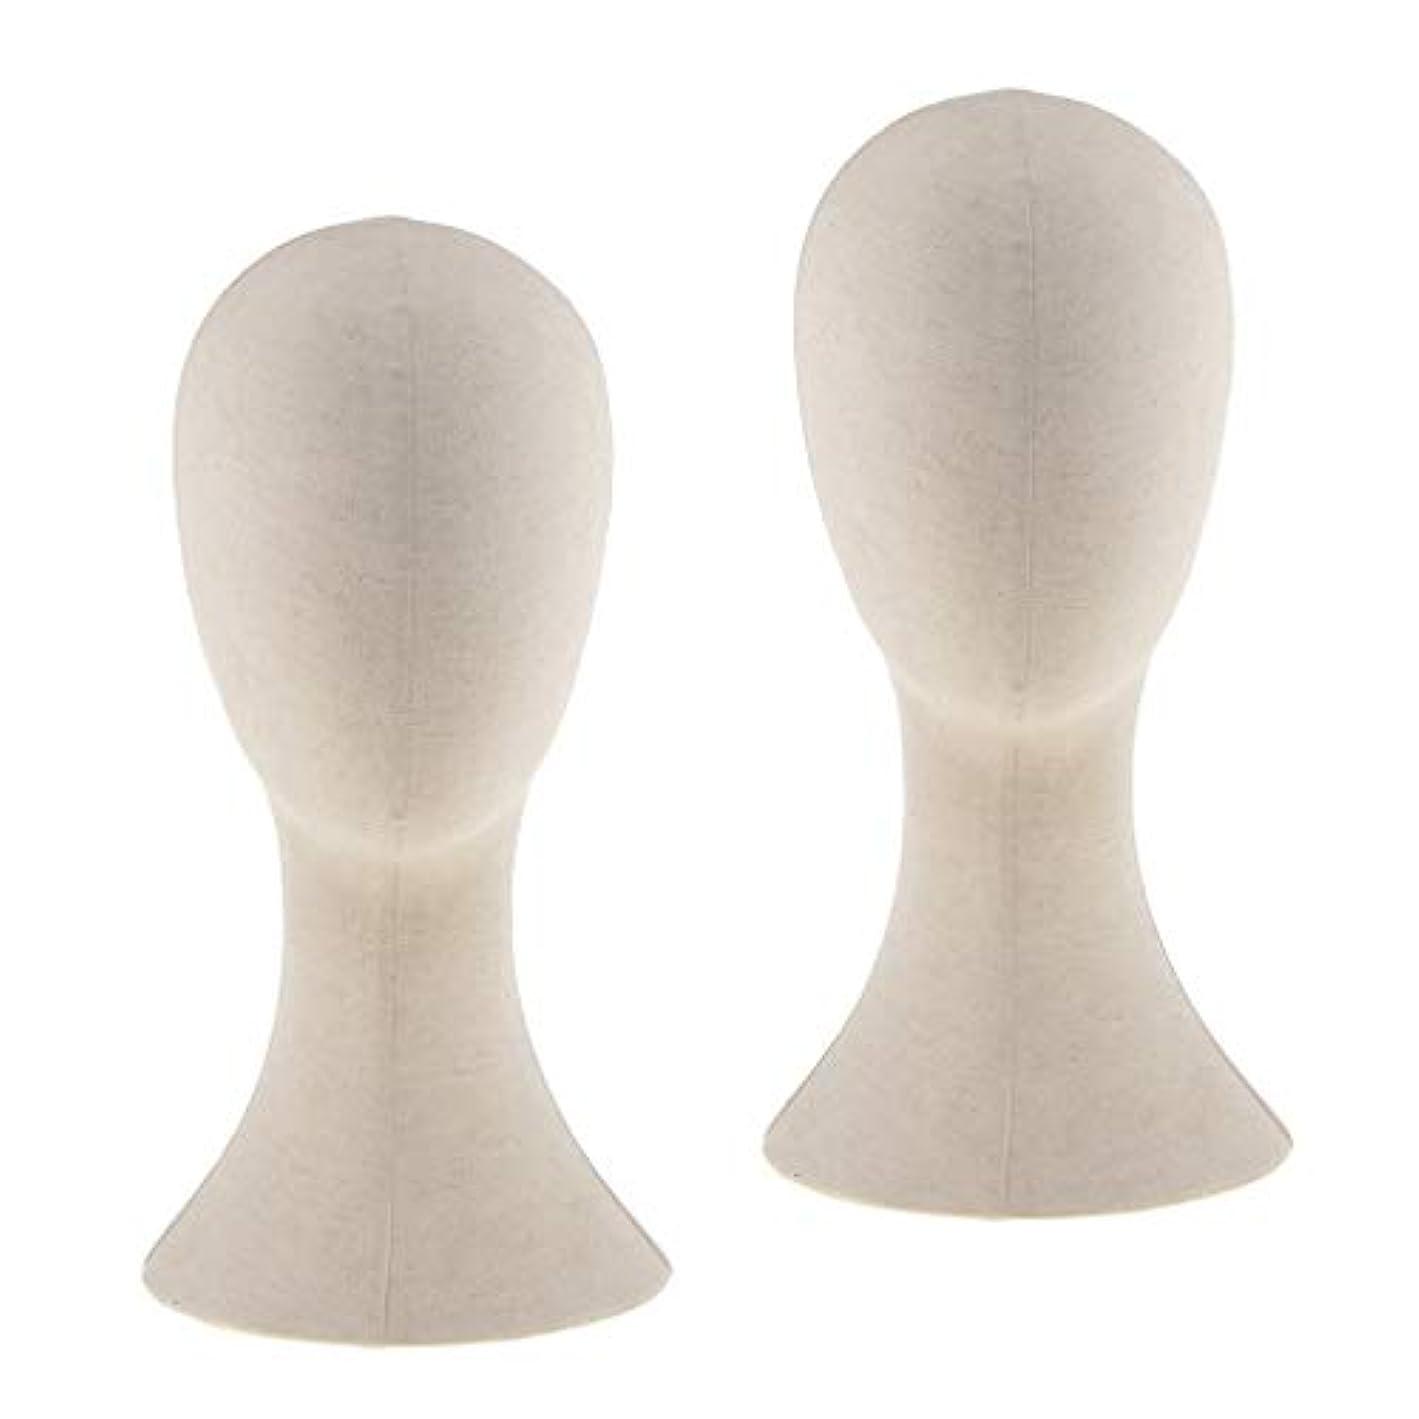 避難する週間支配的DYNWAVE マネキンヘッド ウィッグスタンド練習 頭部 女性ウィッグマネキン ディスプレイ 帽子スタンド 2個入り